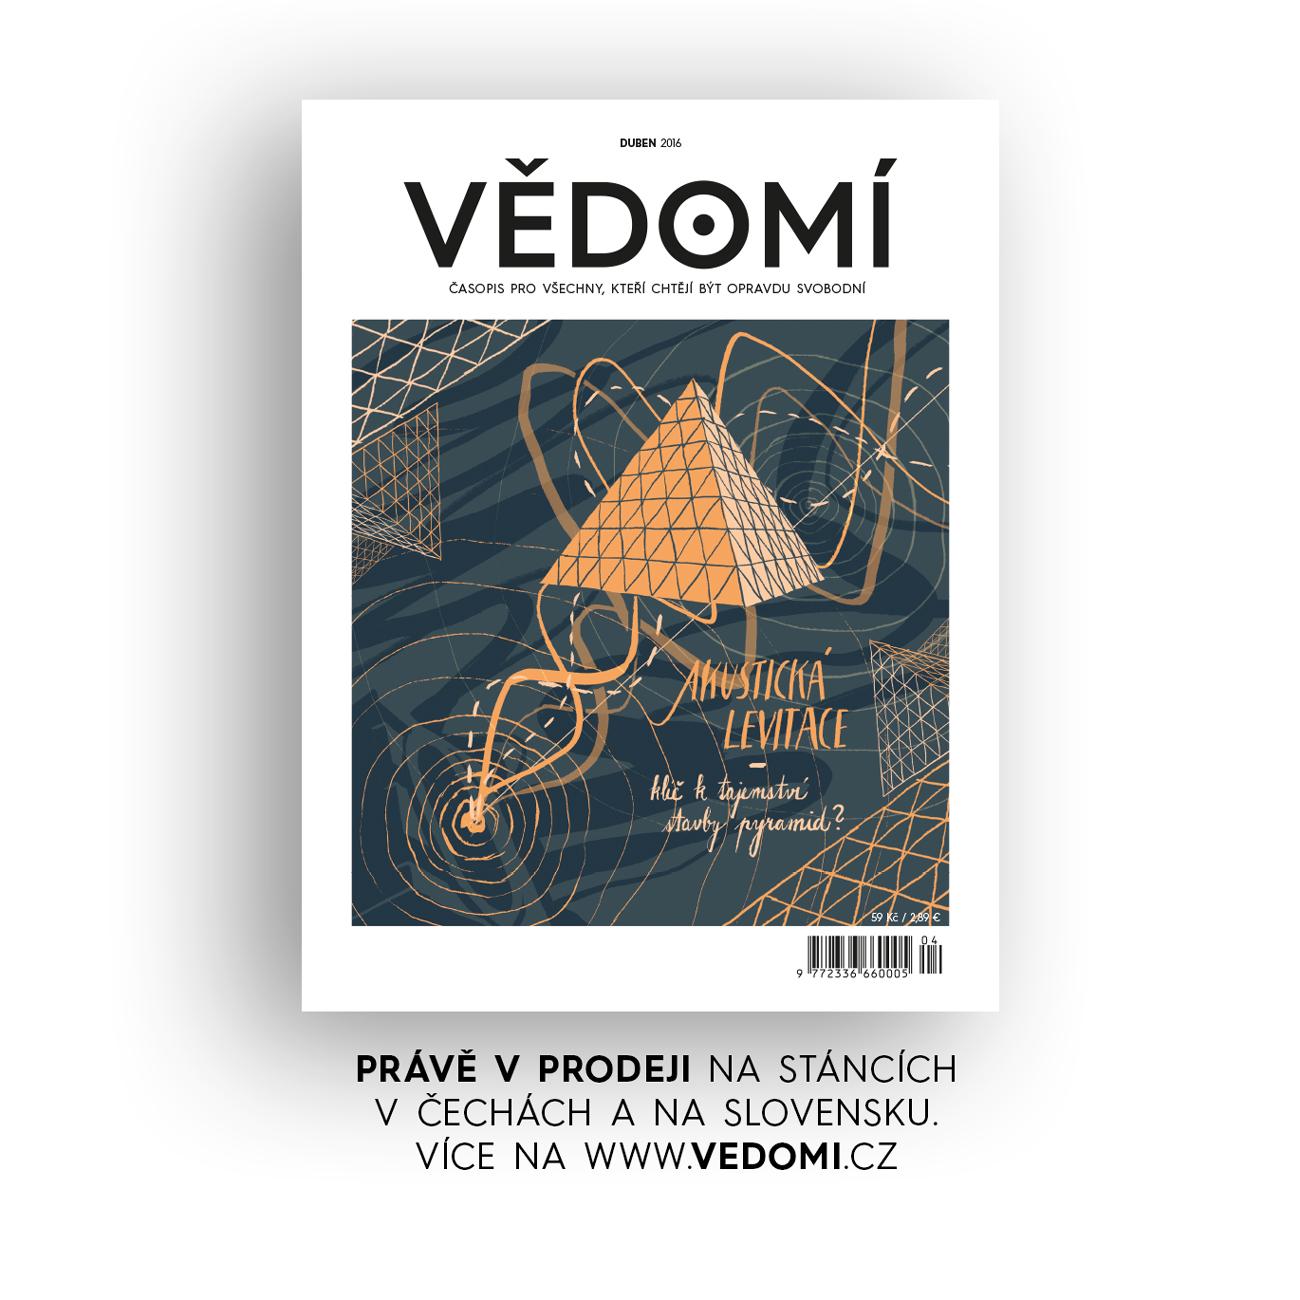 Vedomi